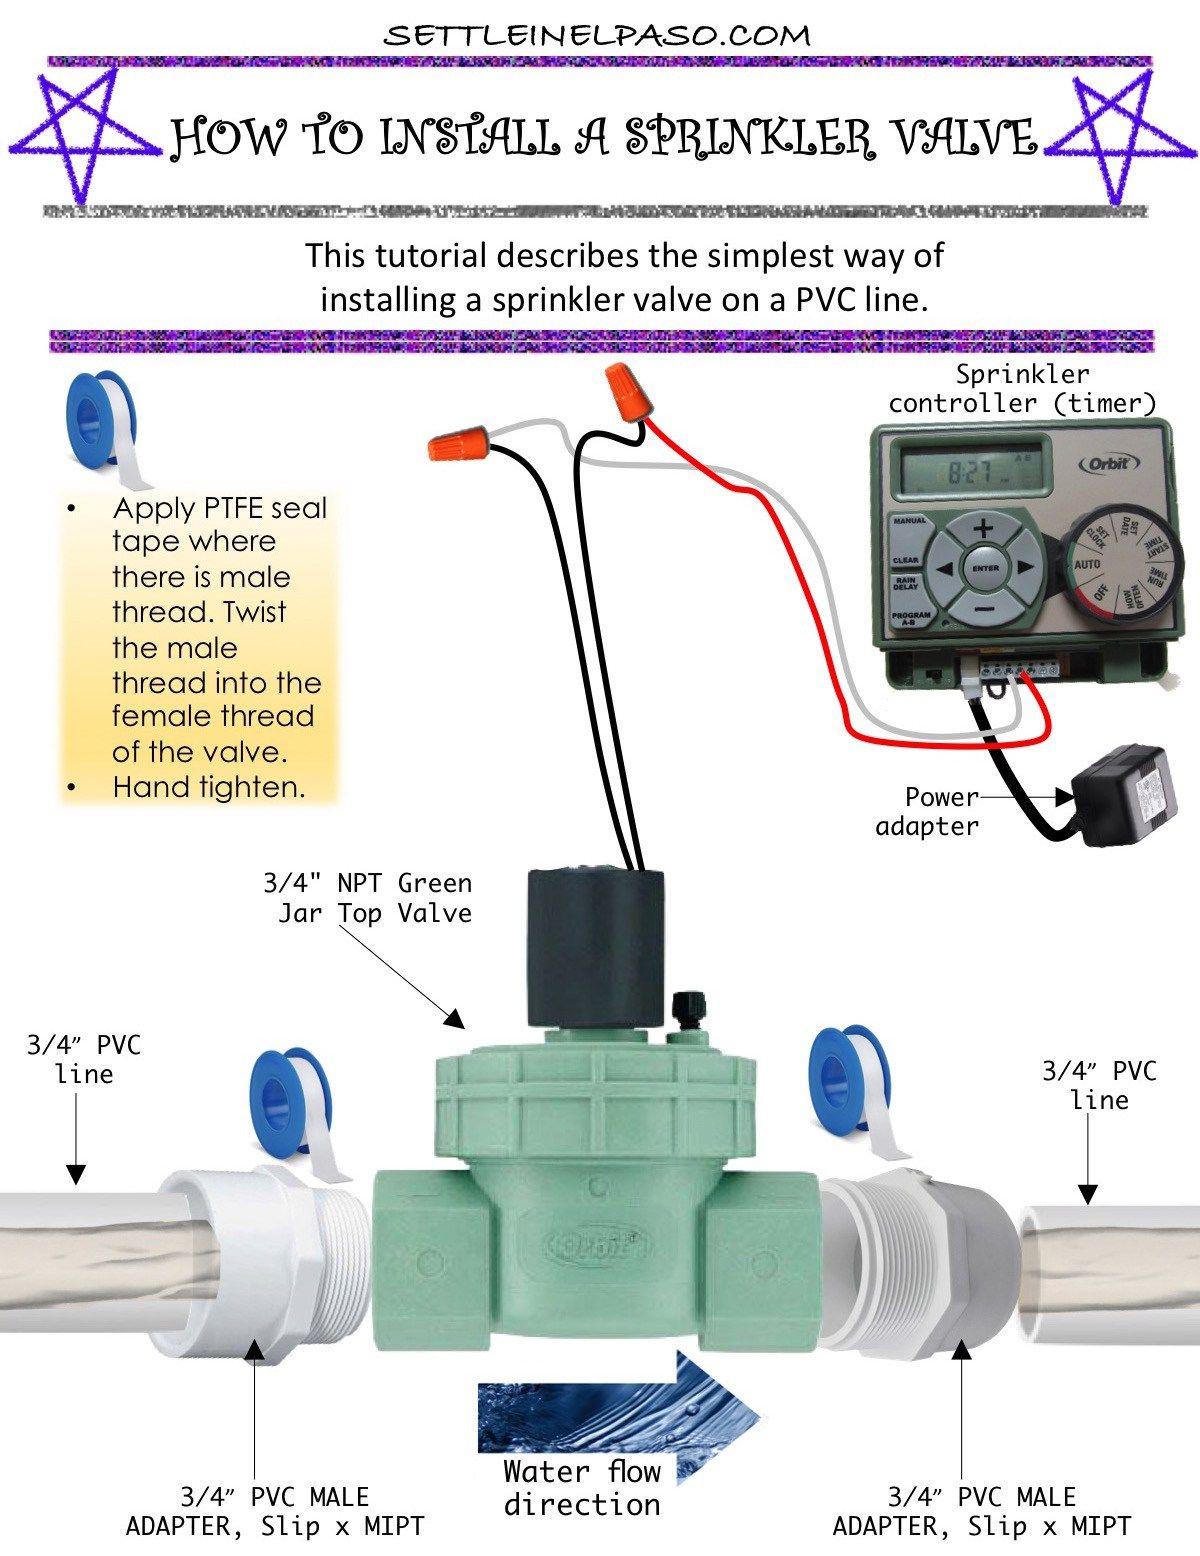 Plumbing With Pex Tubing Diy Plumbing Pex Tubing Plumbing